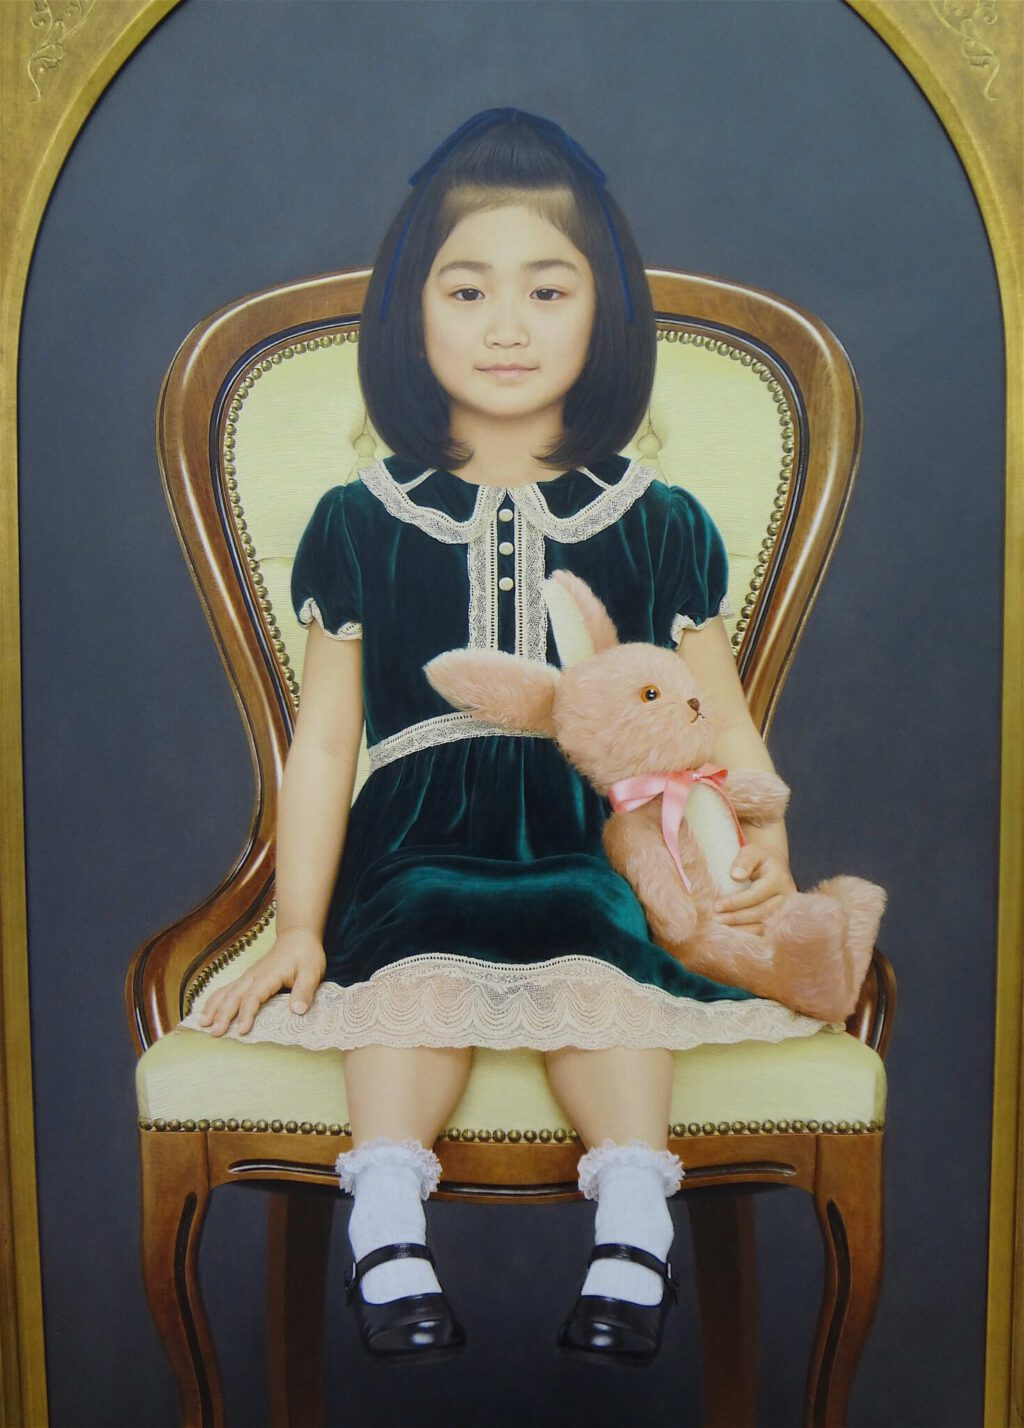 絵画 Paintings – Hakujitsukai Art Exhibition 白日会展 2015年 @ 国立新美術館、東京・六本木 National Art Center Tokyo, Roppongi3